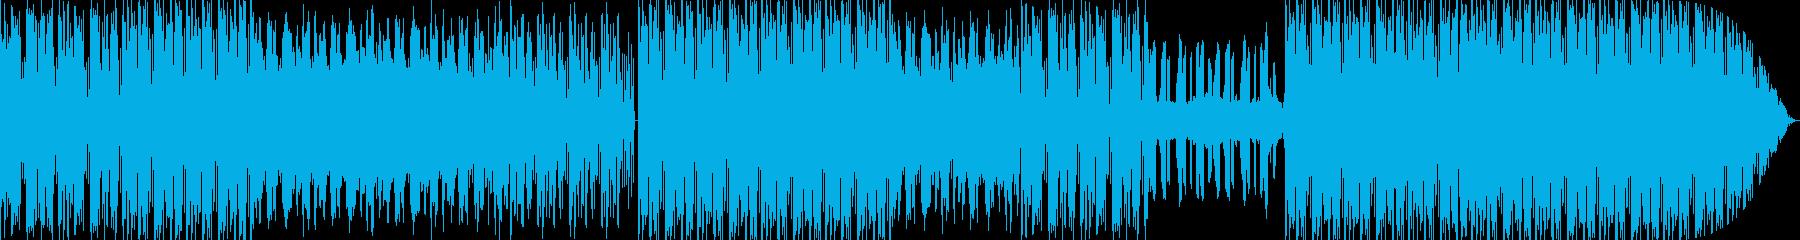 未来・SF・エレクトロニカの再生済みの波形